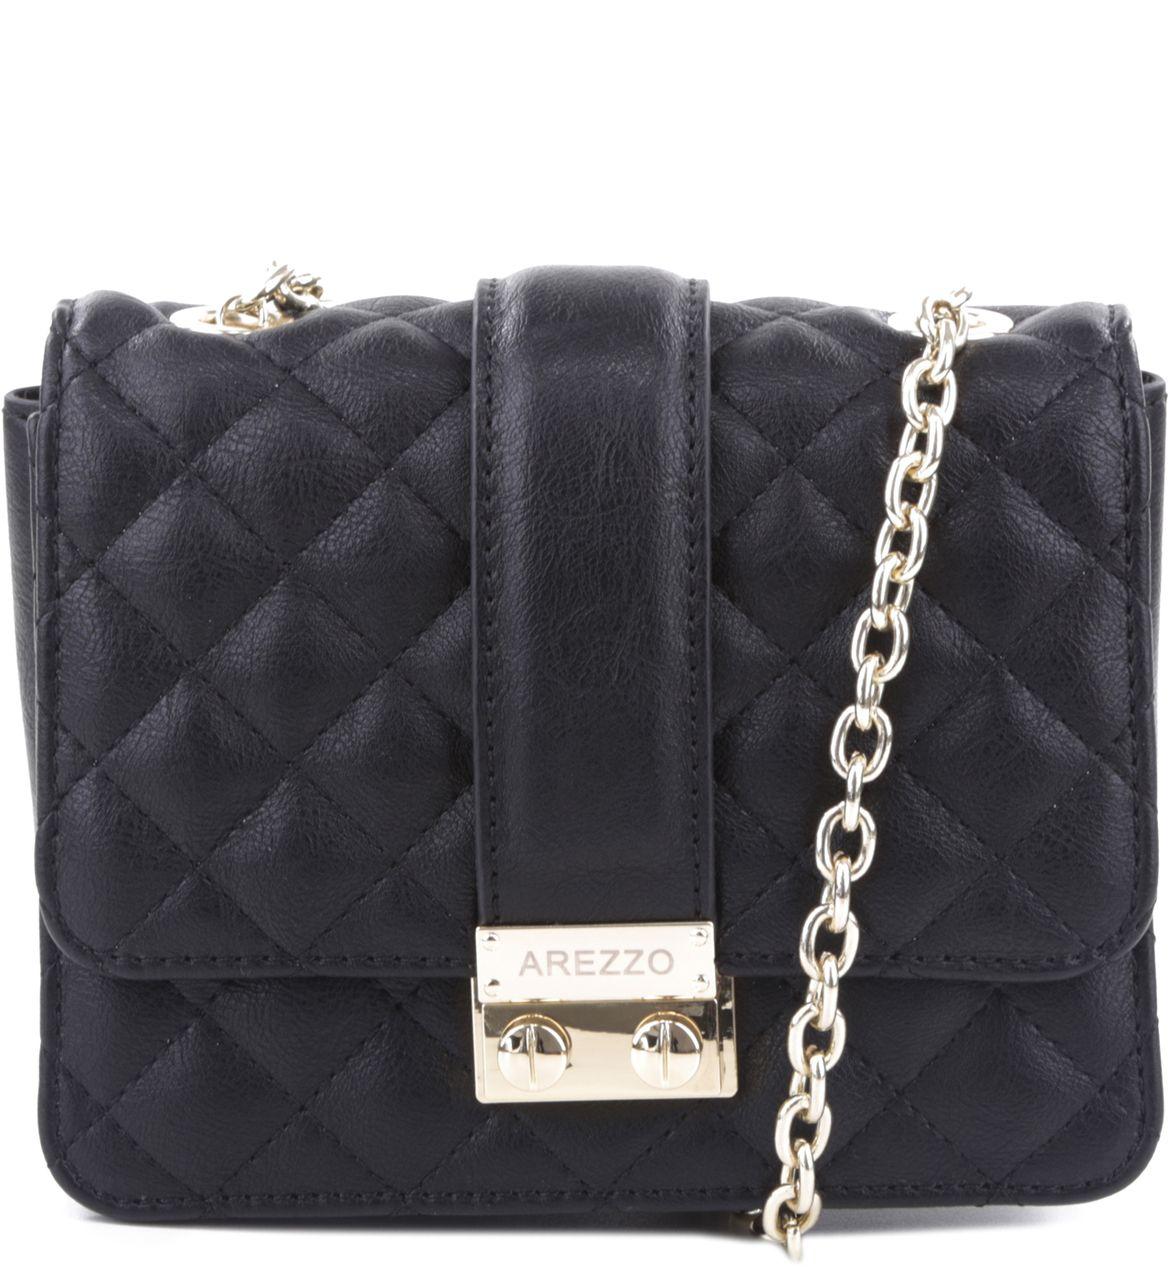 Bolsa De Especias Pequeña : Bolsa tiracolo correntes preta arezzo bolsas